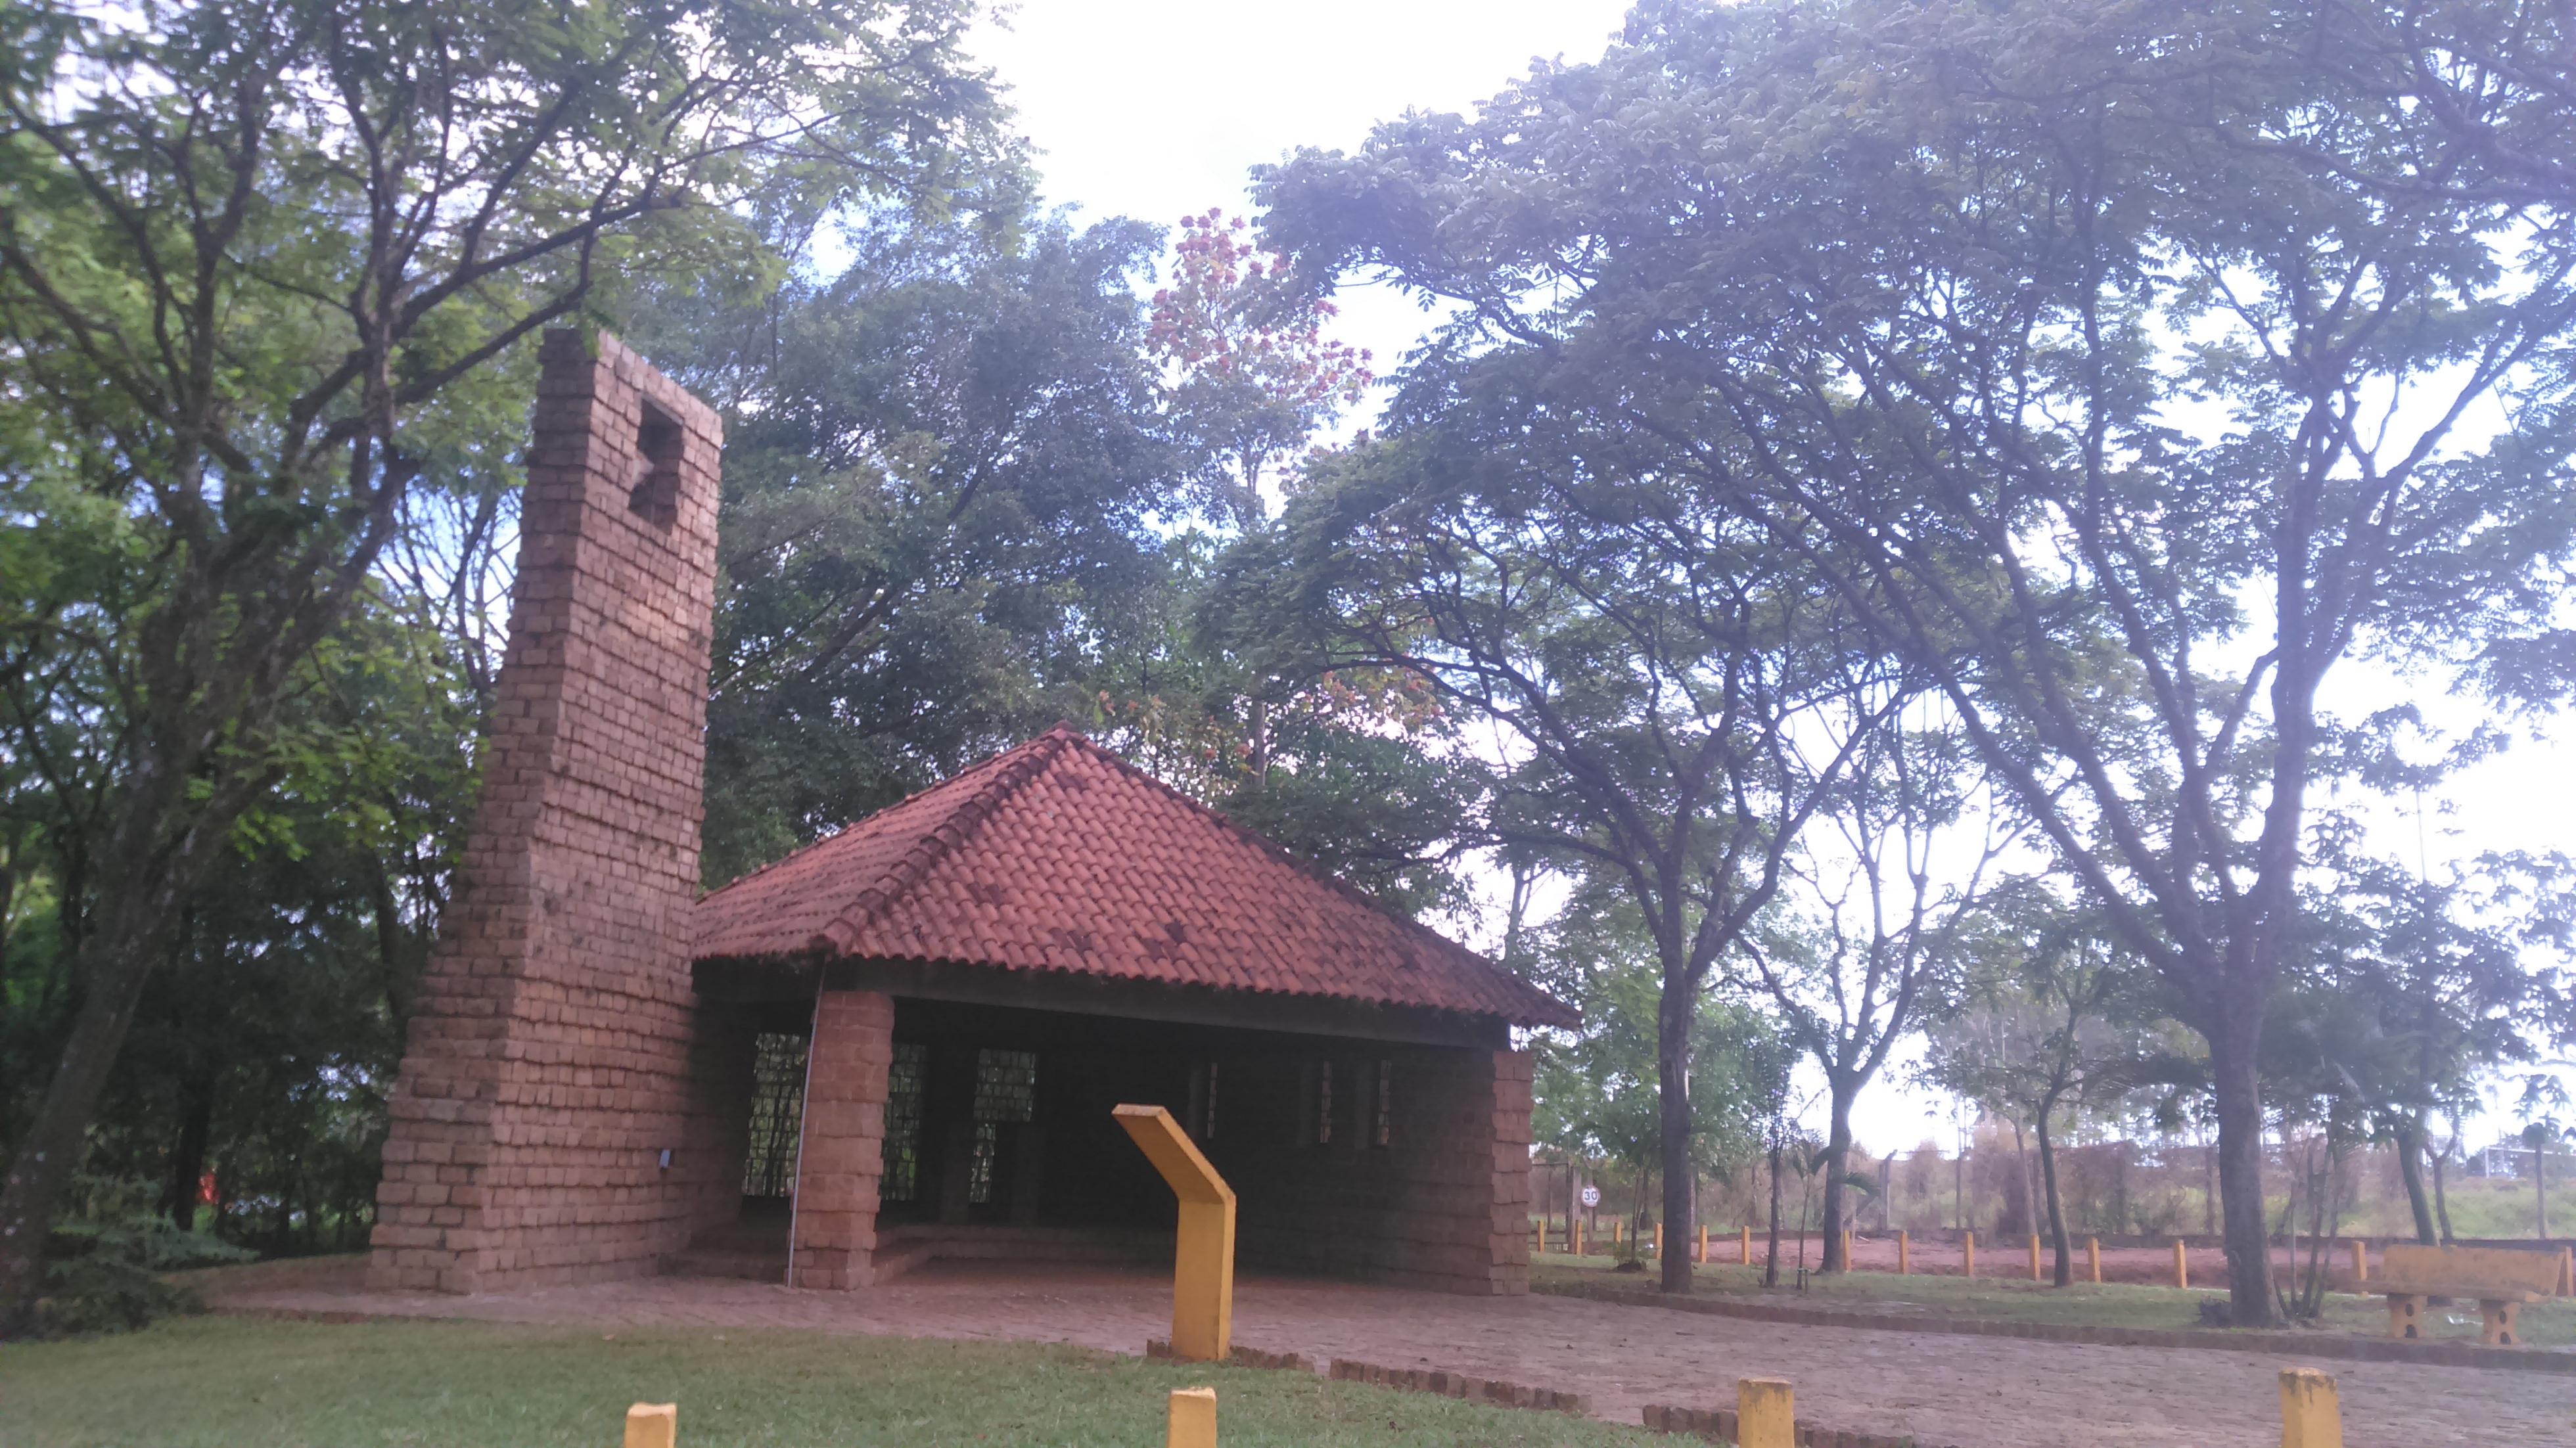 FileParque Pinheirinho Araraquara 13